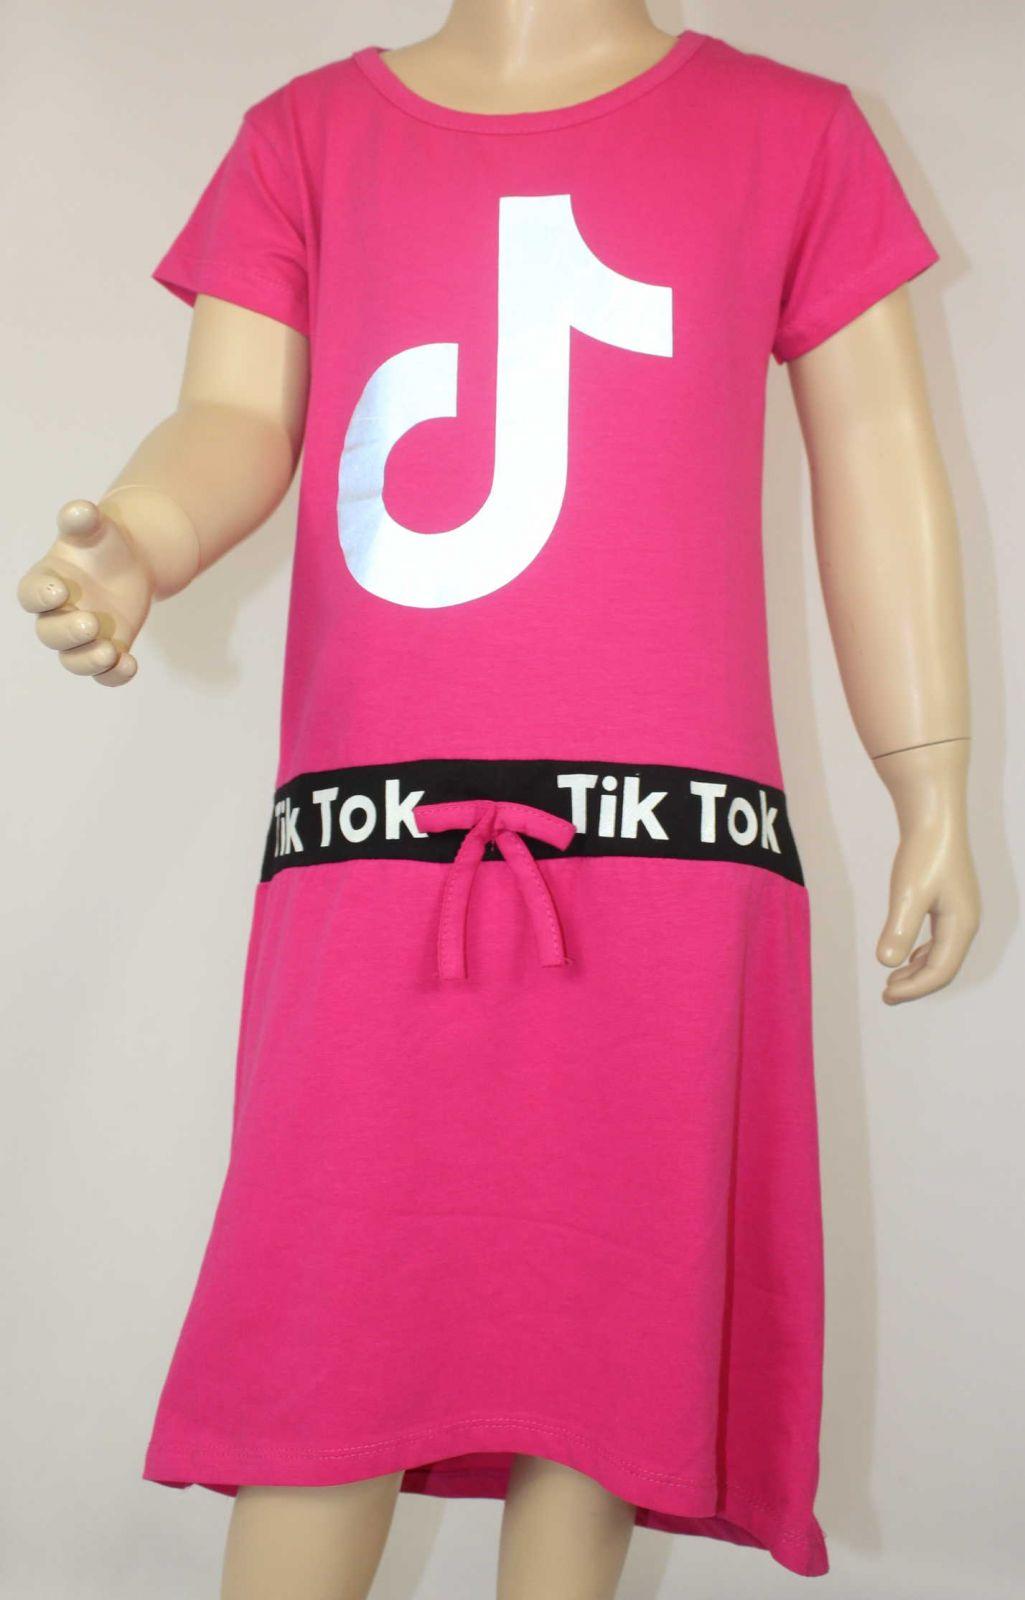 TIK Tok šaty, dívčí Tik Tok šaty, růžové Tik Tok šaty, dětské Tik Tok šaty, dívčí bavlněné šaty Tik Tok, šaty Tik Tok